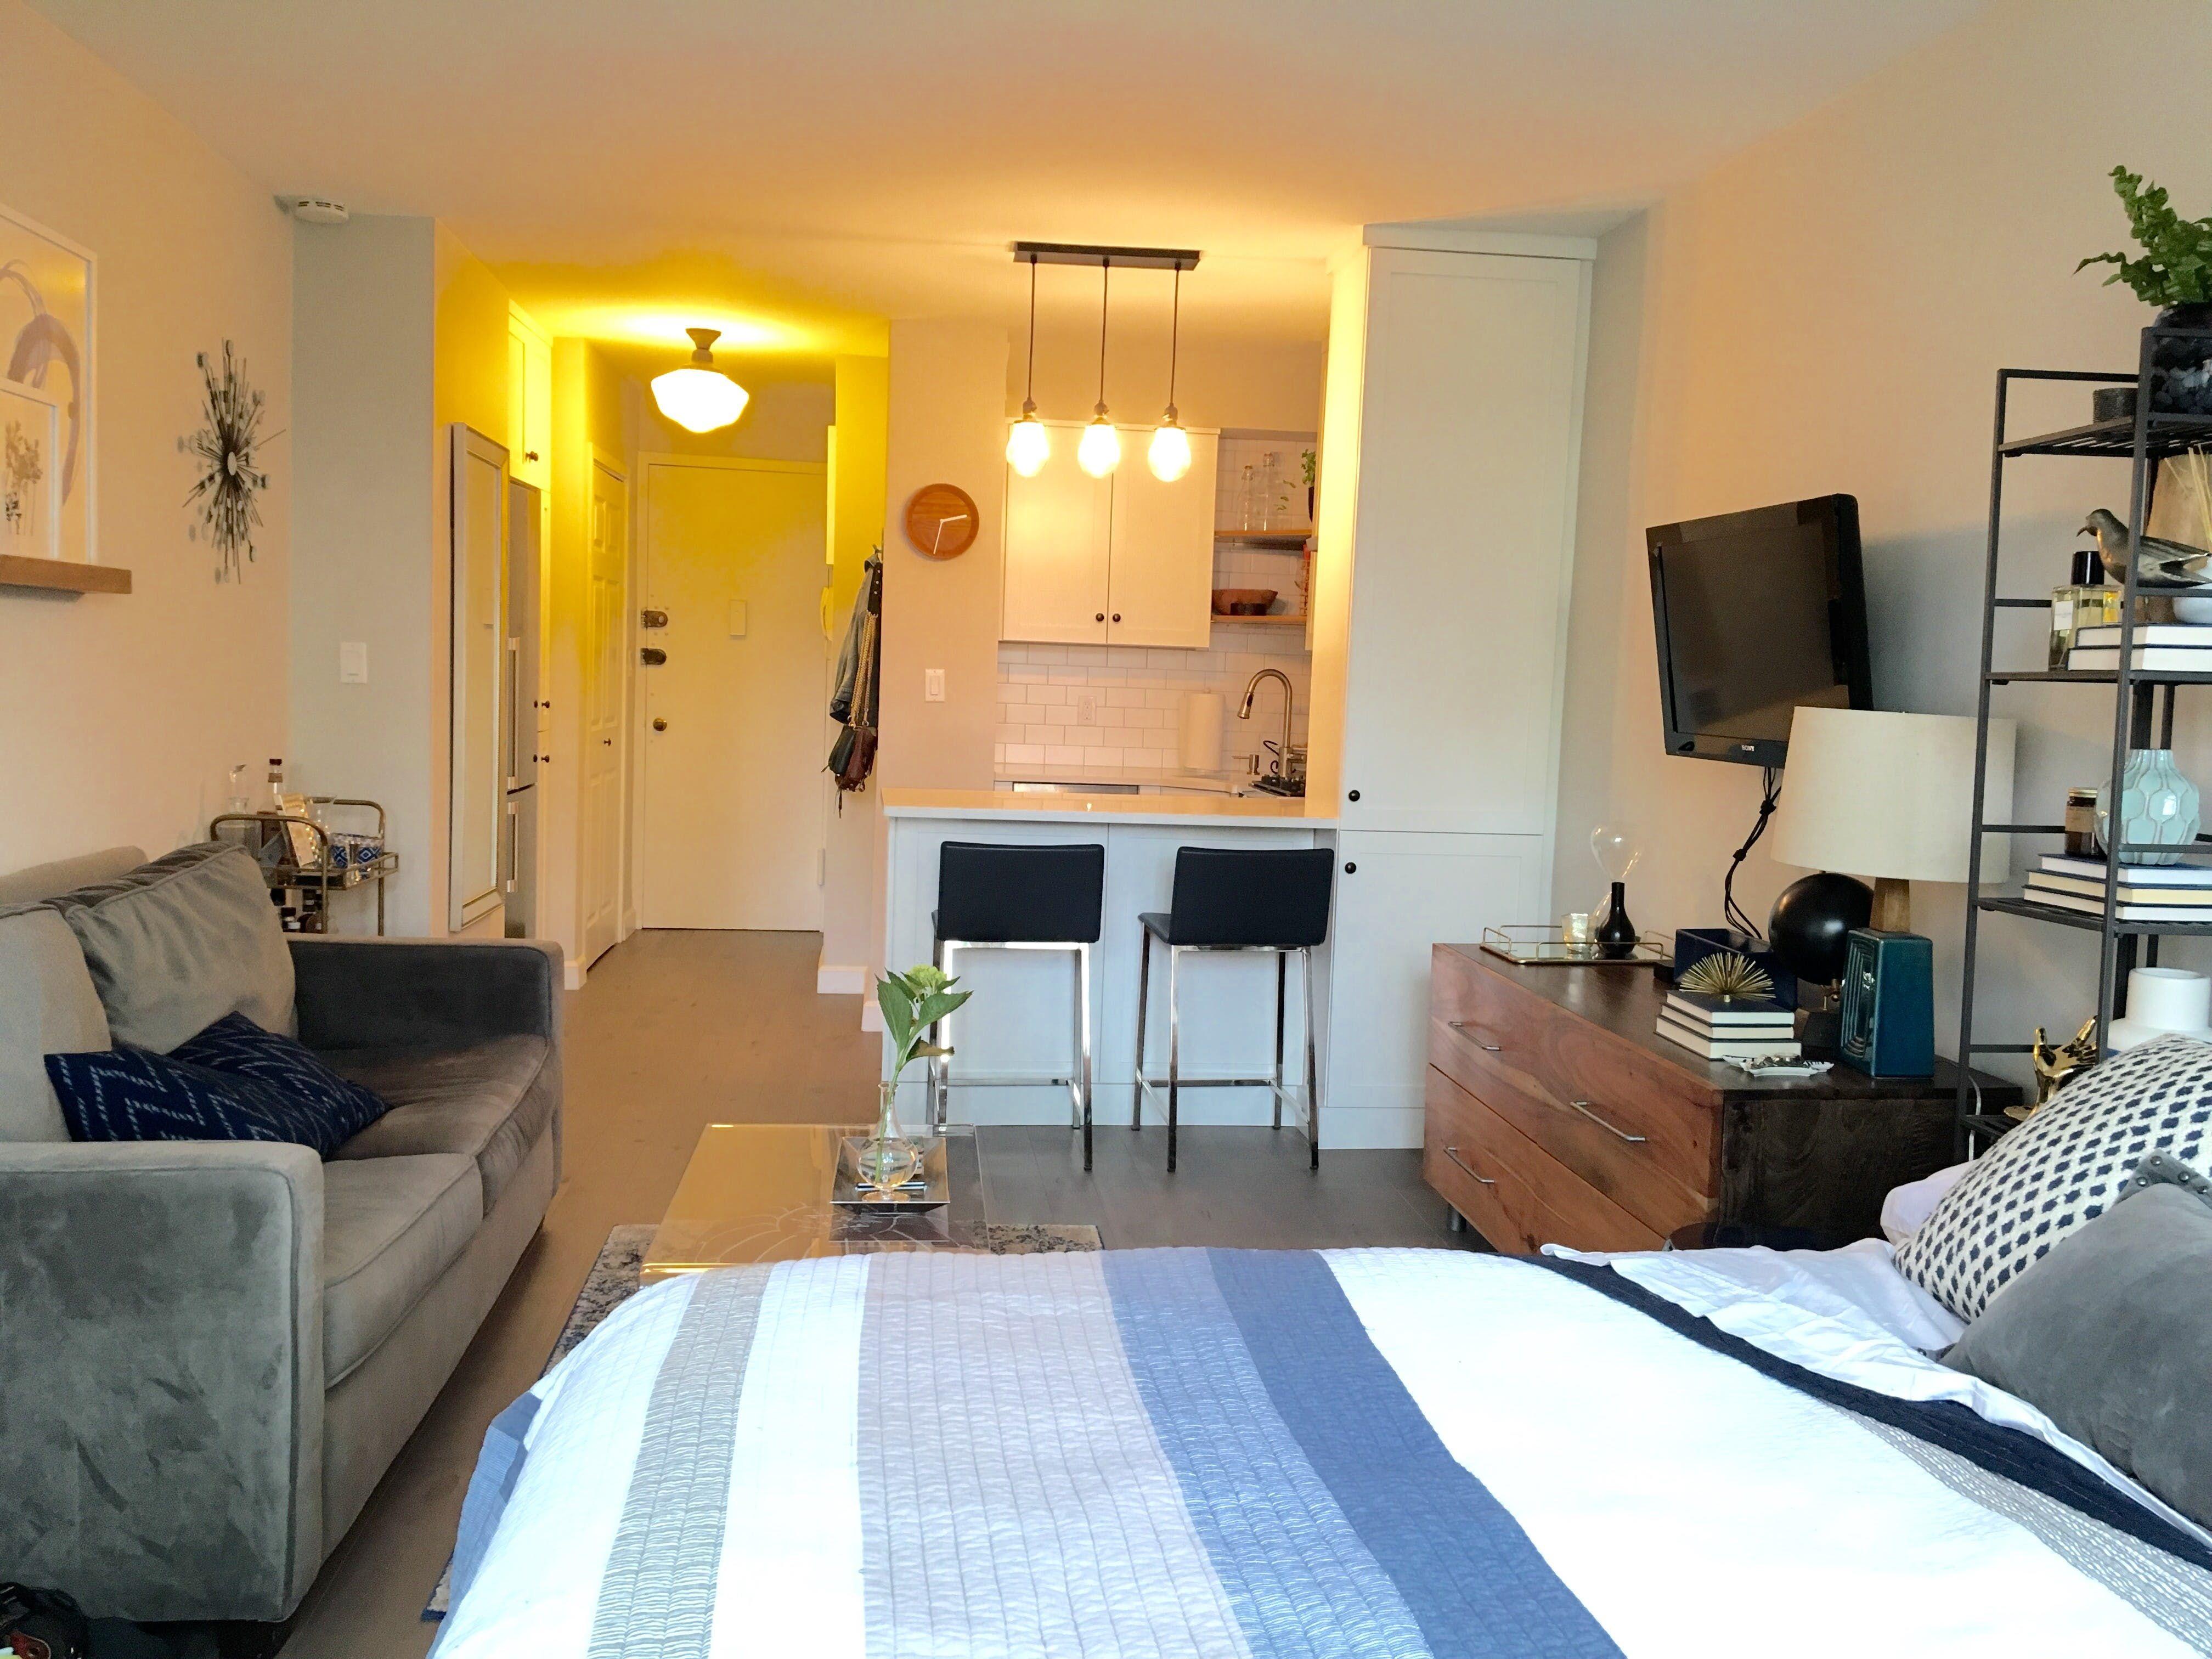 Melissa S Manhattan Studio Apartment Makeover